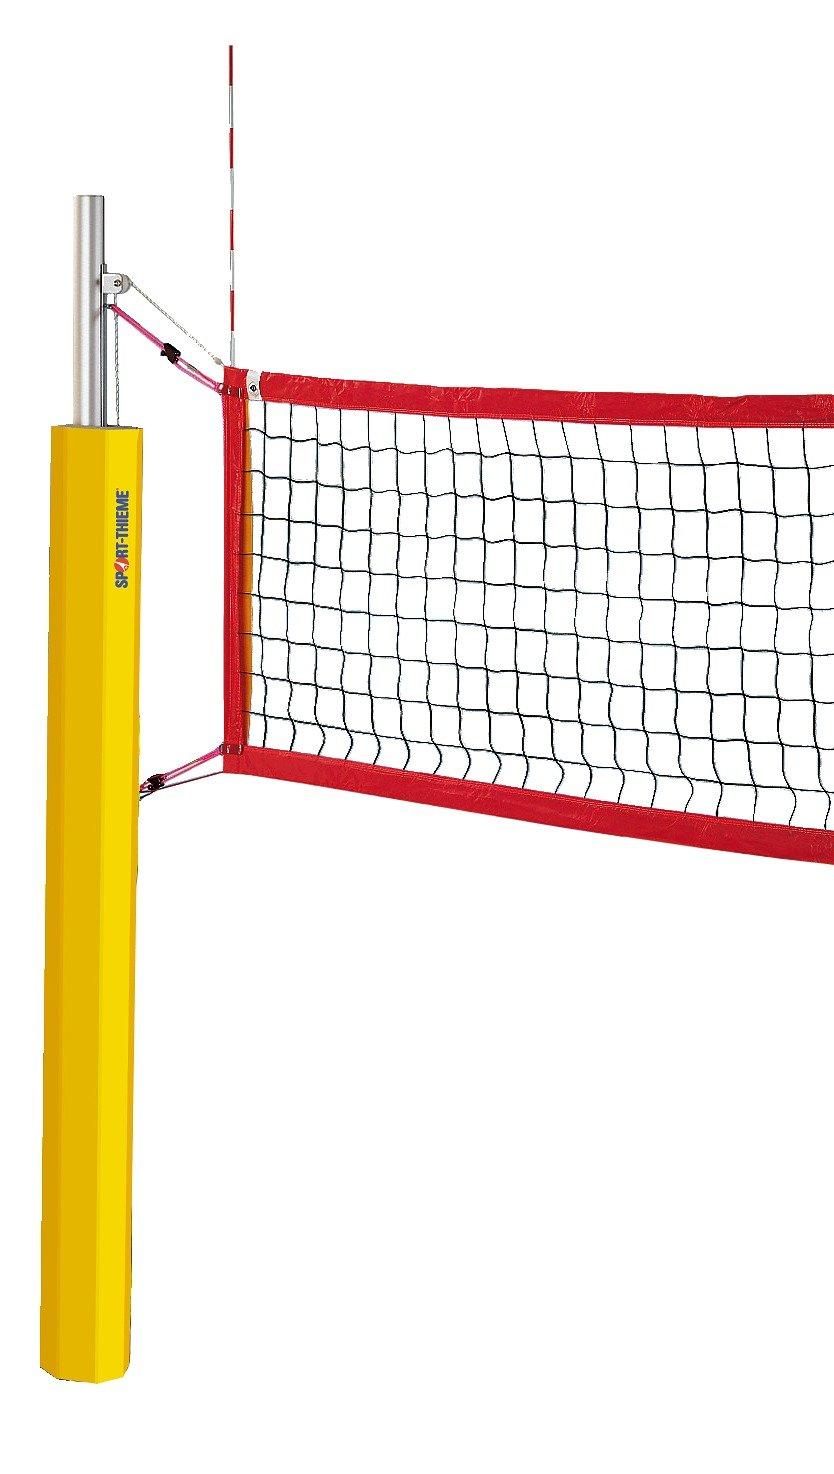 Sport-Thieme Beachvolleyball Antennengarnitur